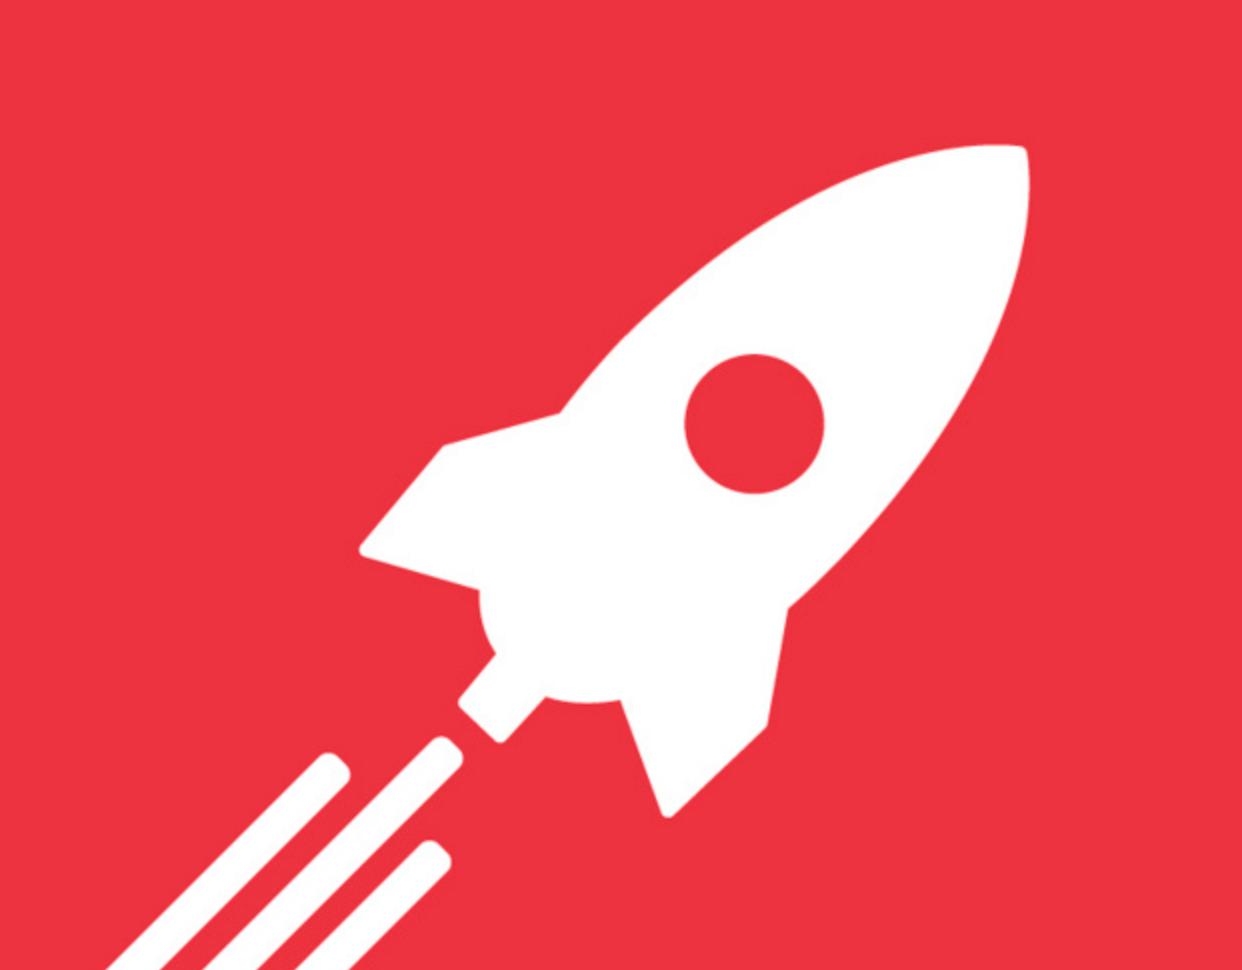 Comment optimiser un site web et accélérer la vitesse de chargement de votre site WordPress